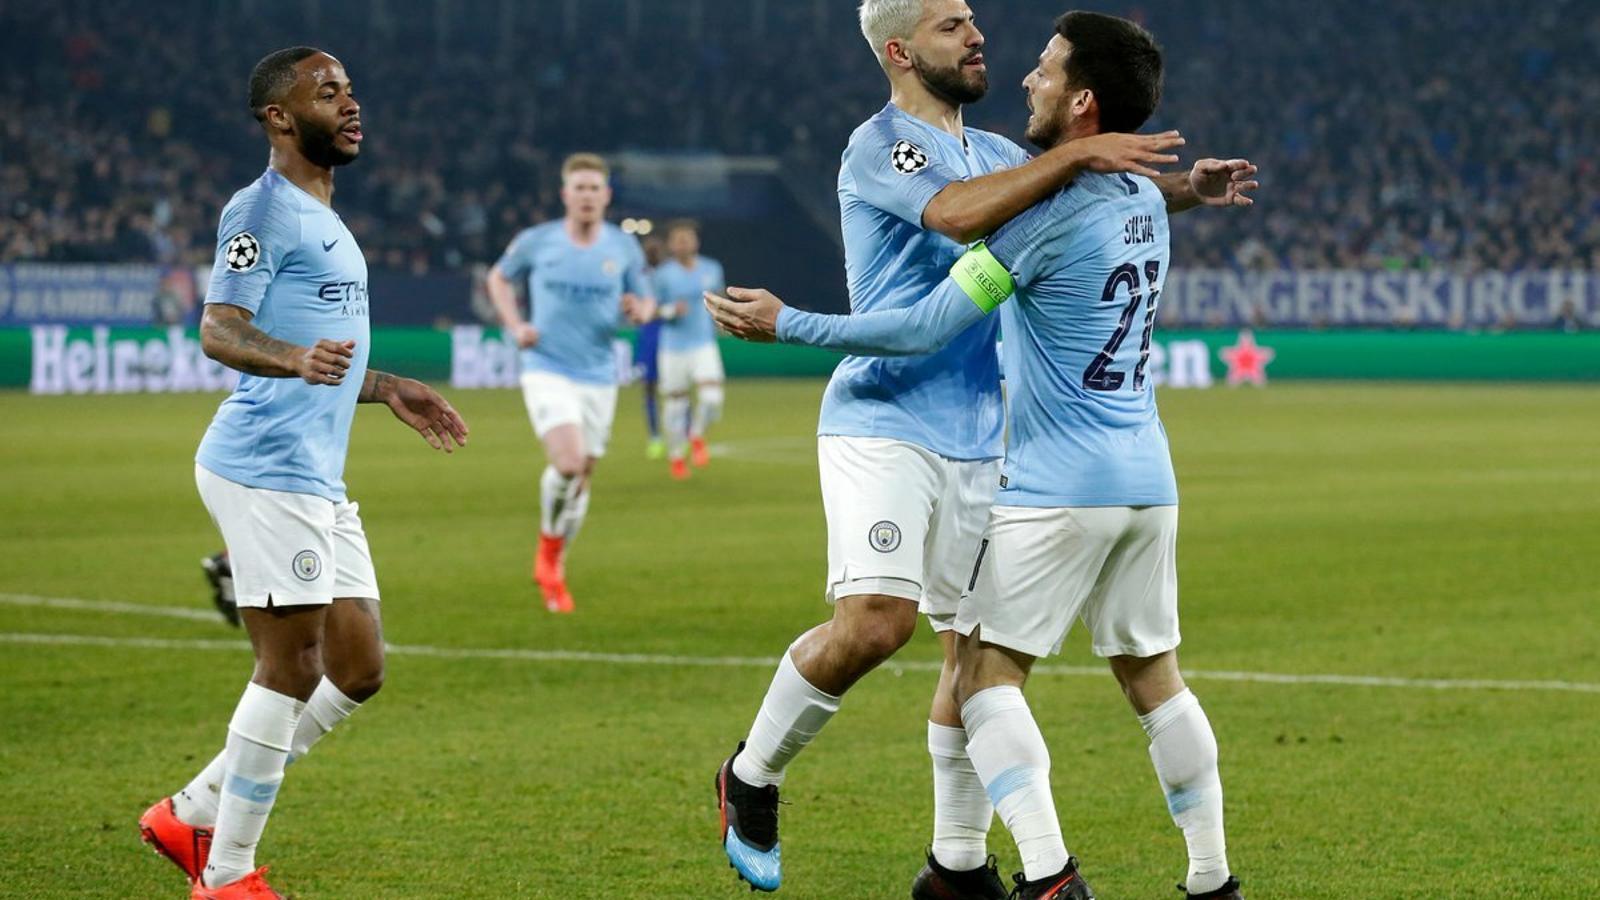 El City remunta contra el Schalke amb un jugador menys (2-3)